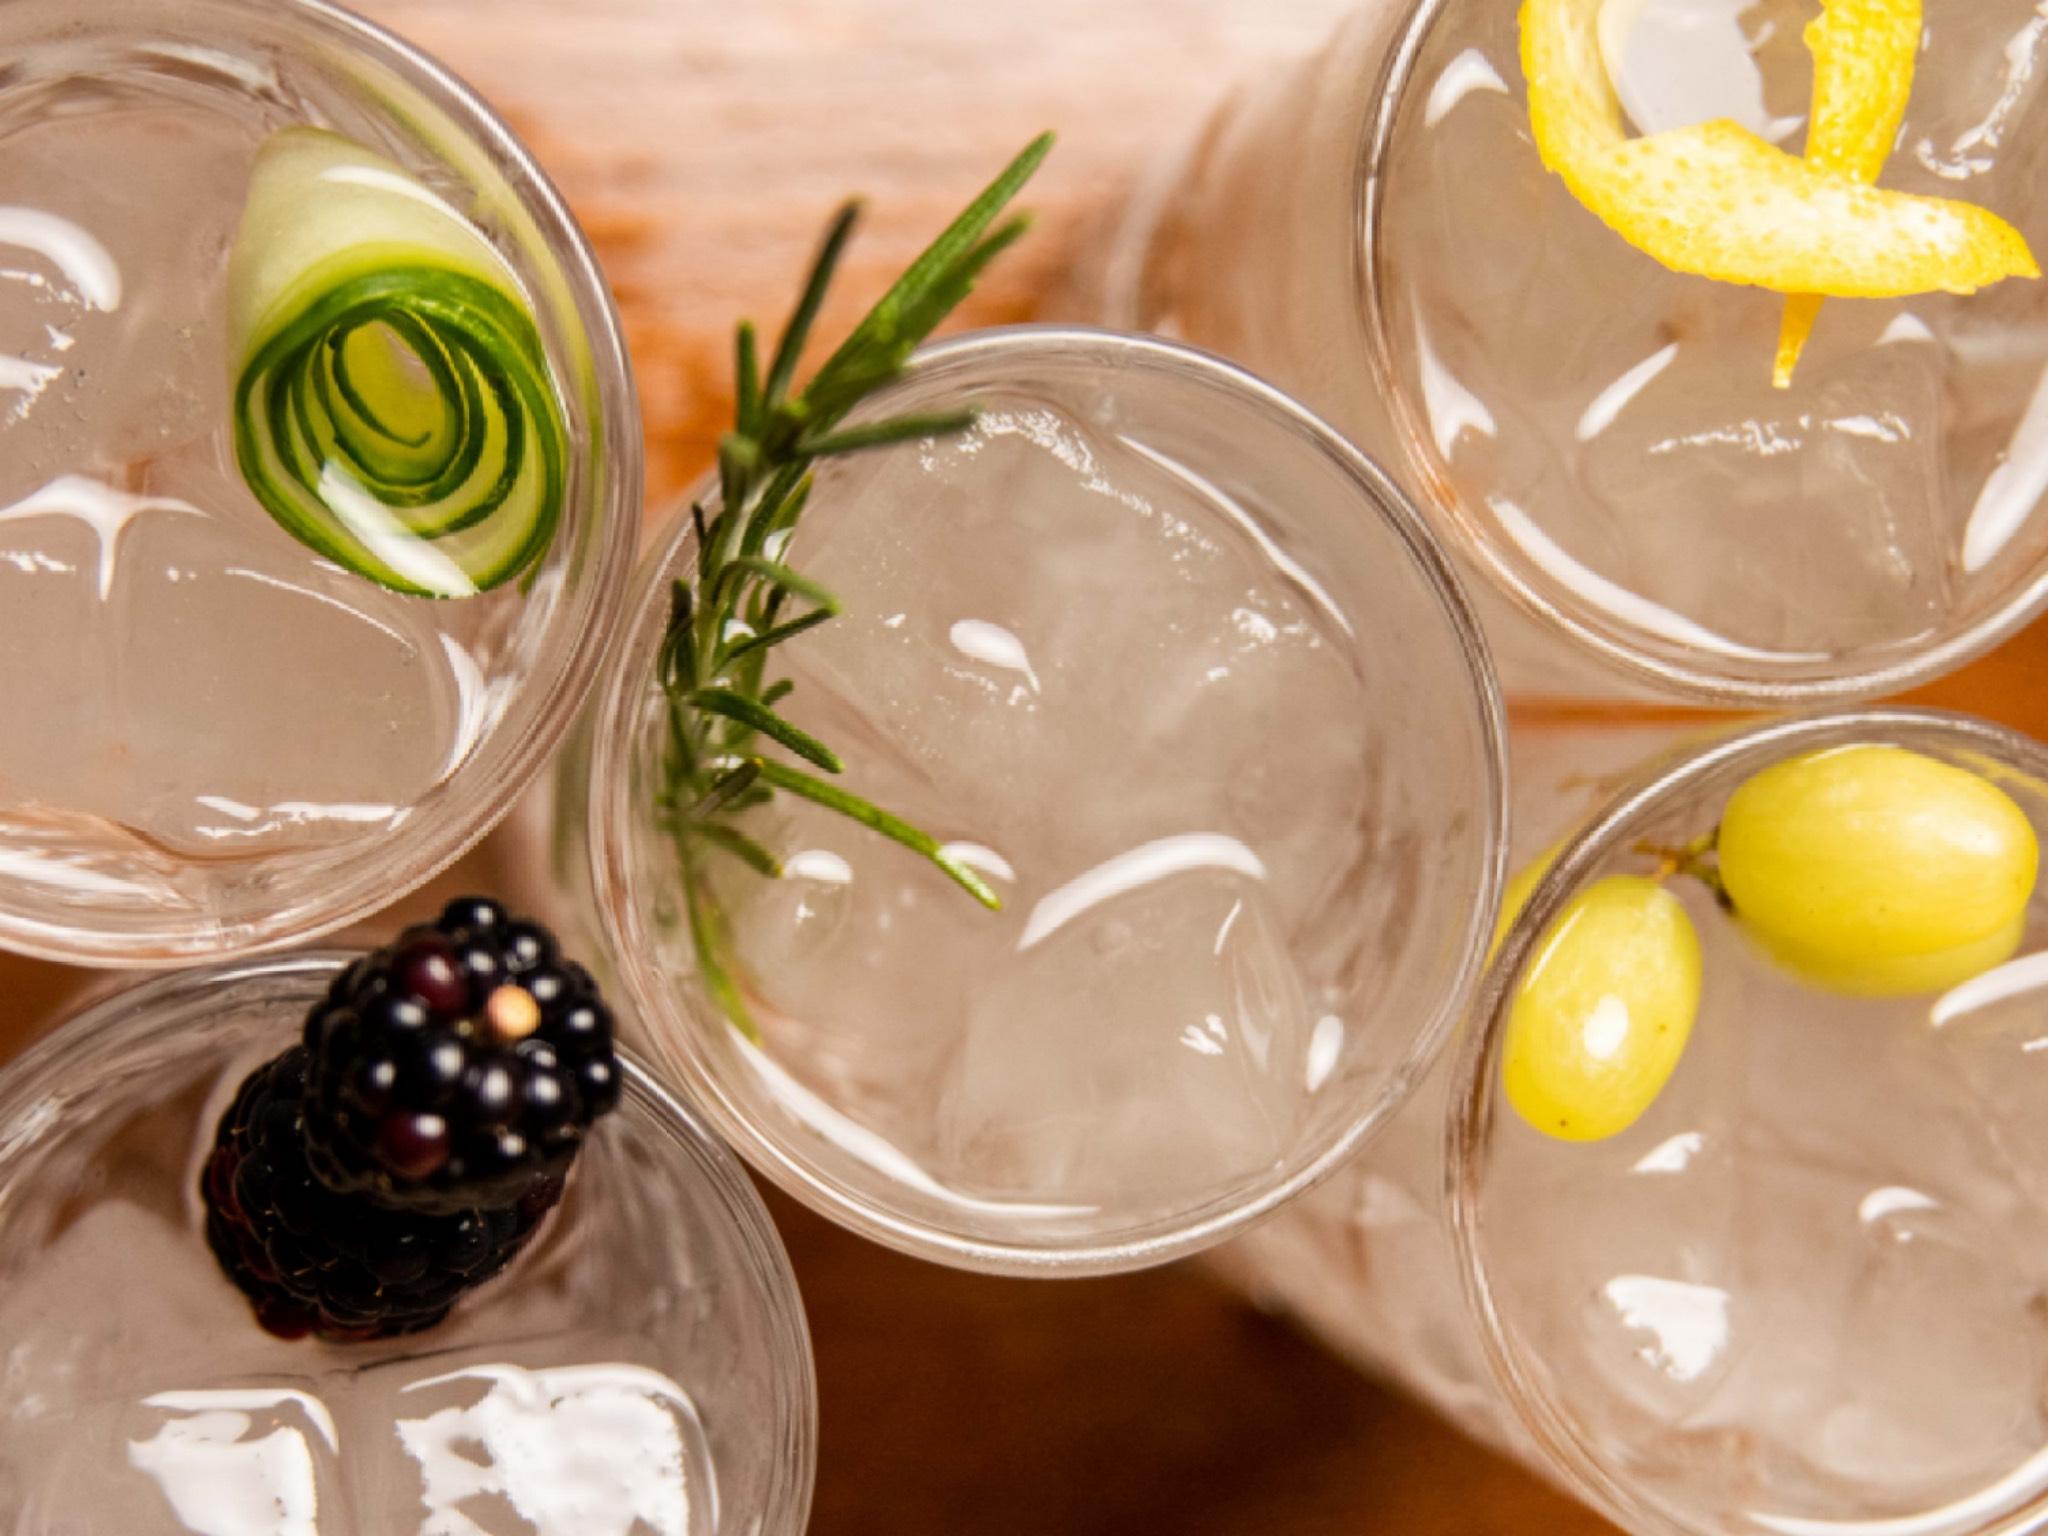 Lust auf Gin in der Beef 800 Bar? Foto: xtrakt media / Lukas Seufert